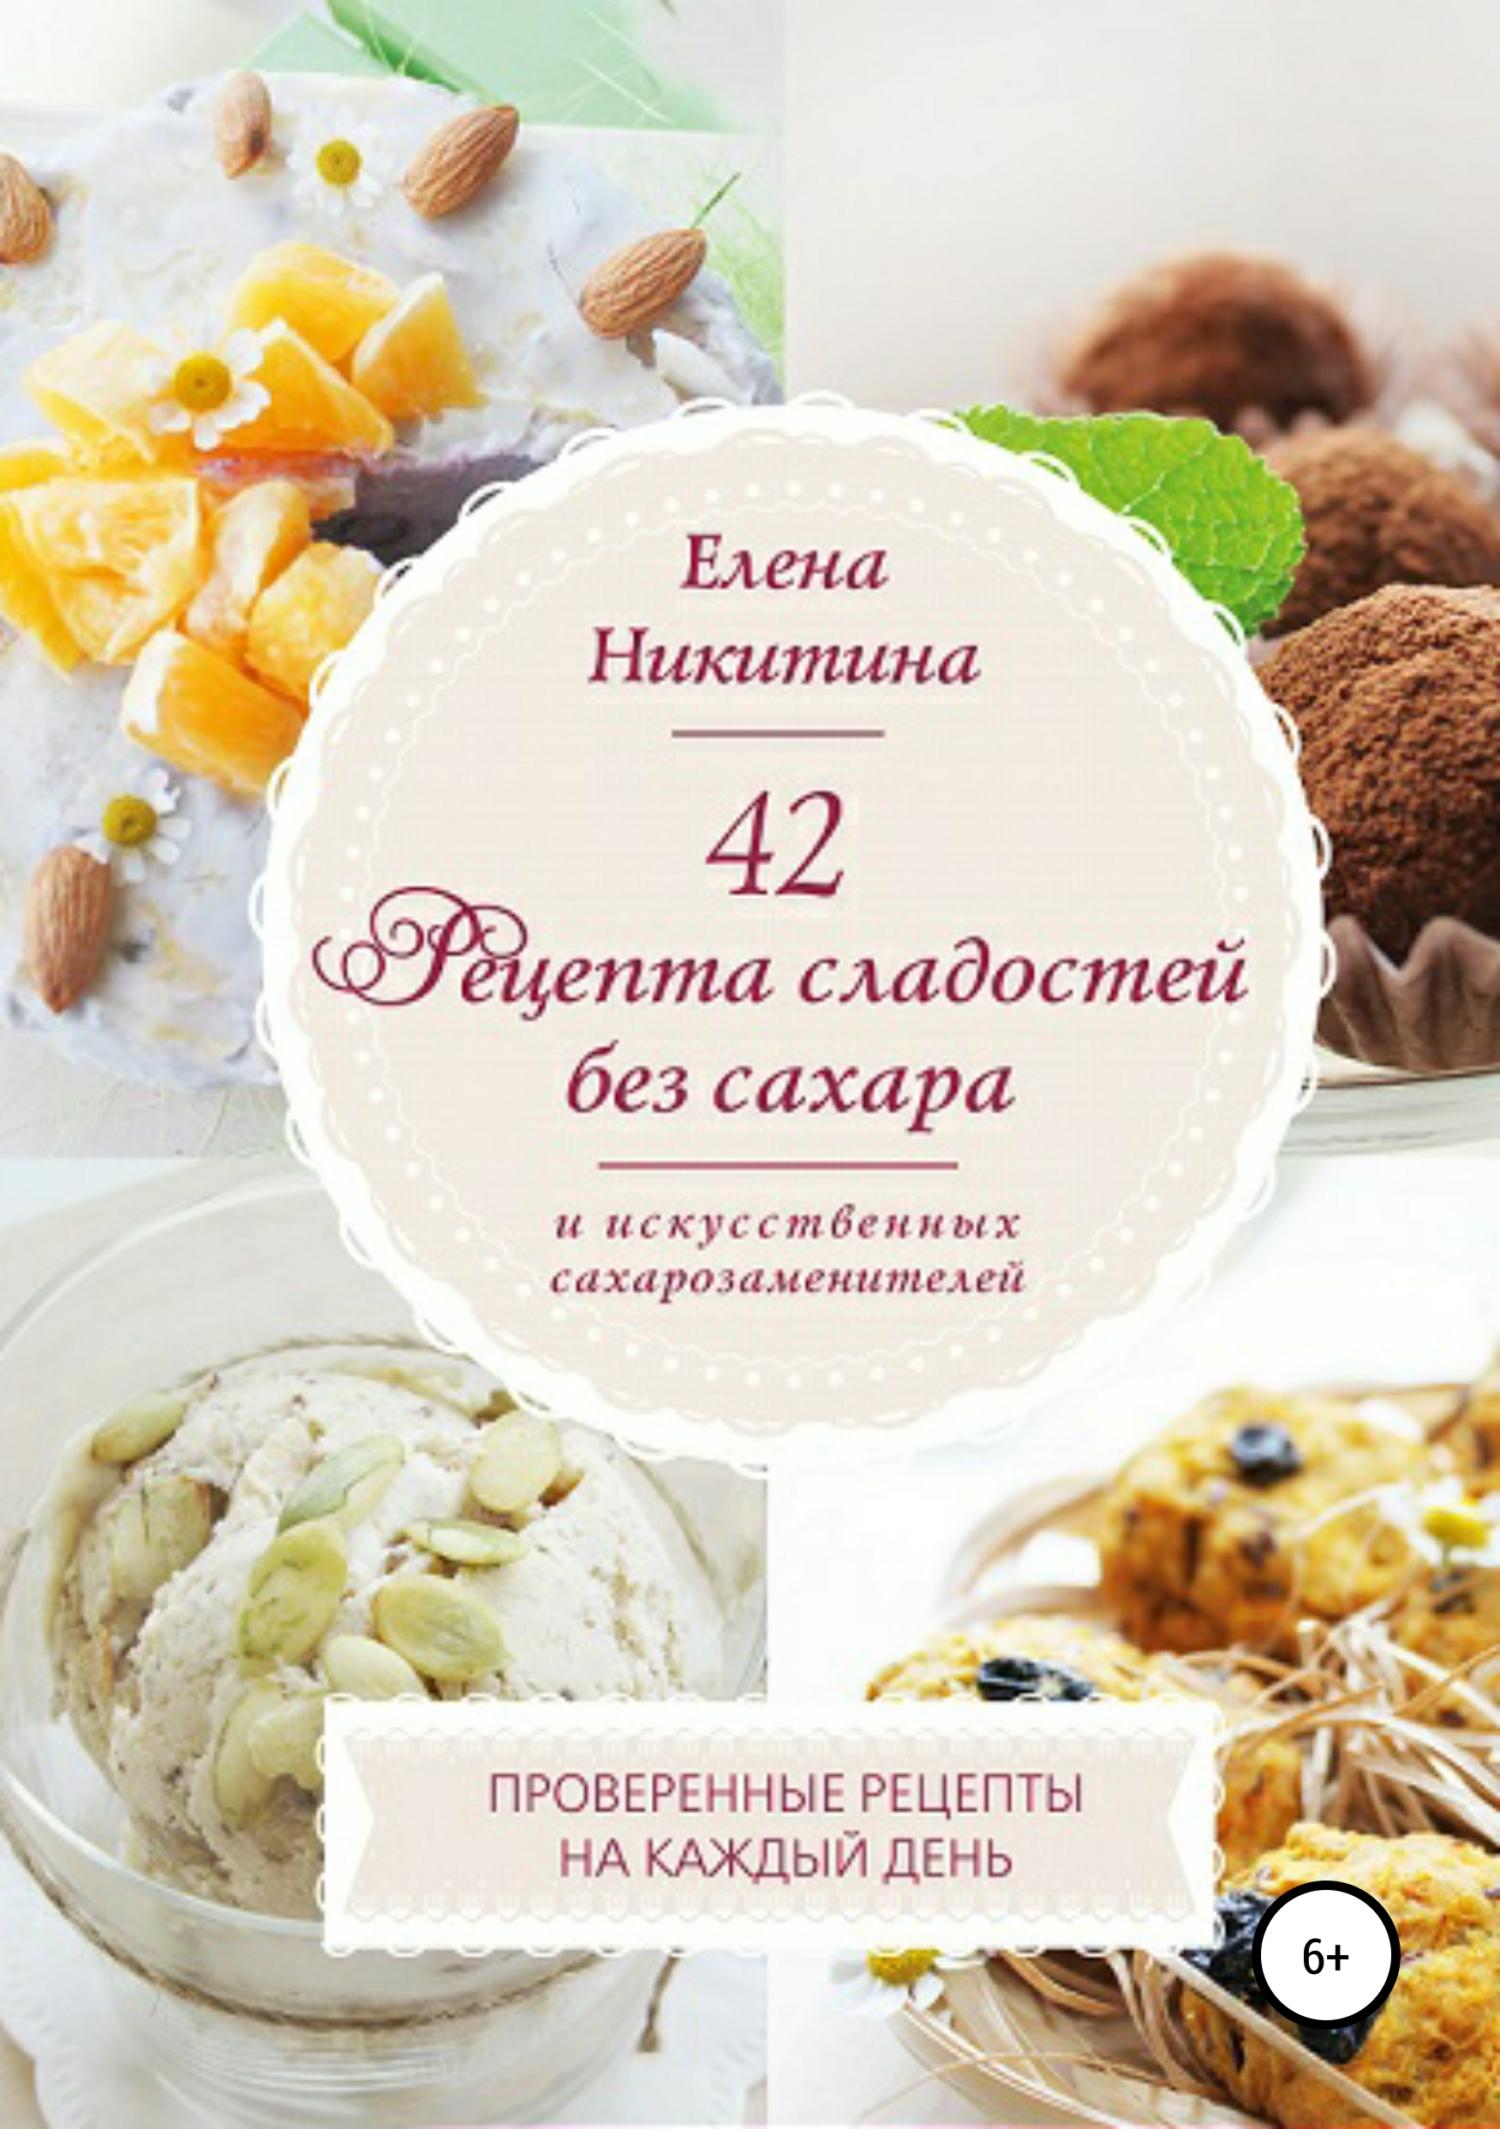 42 рецепта сладостей без сахара и искусственных сахарозаменителей.